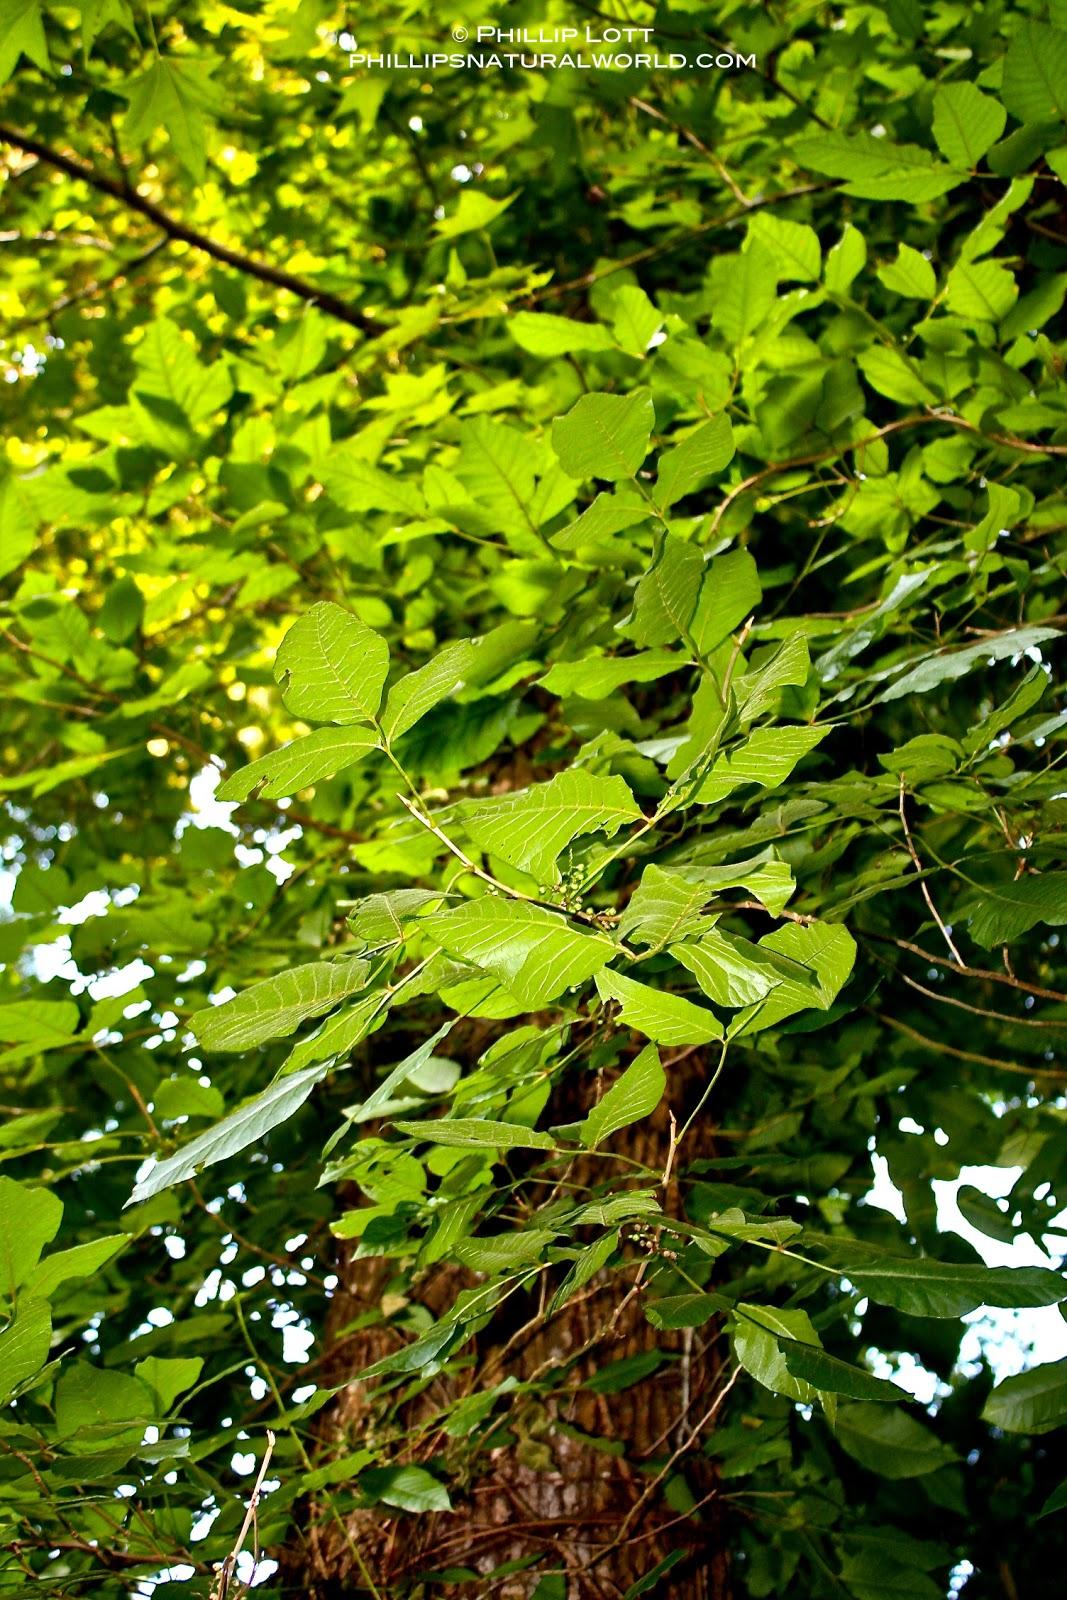 Floridas 4 Common Poisonous Plants Phillips Natural World